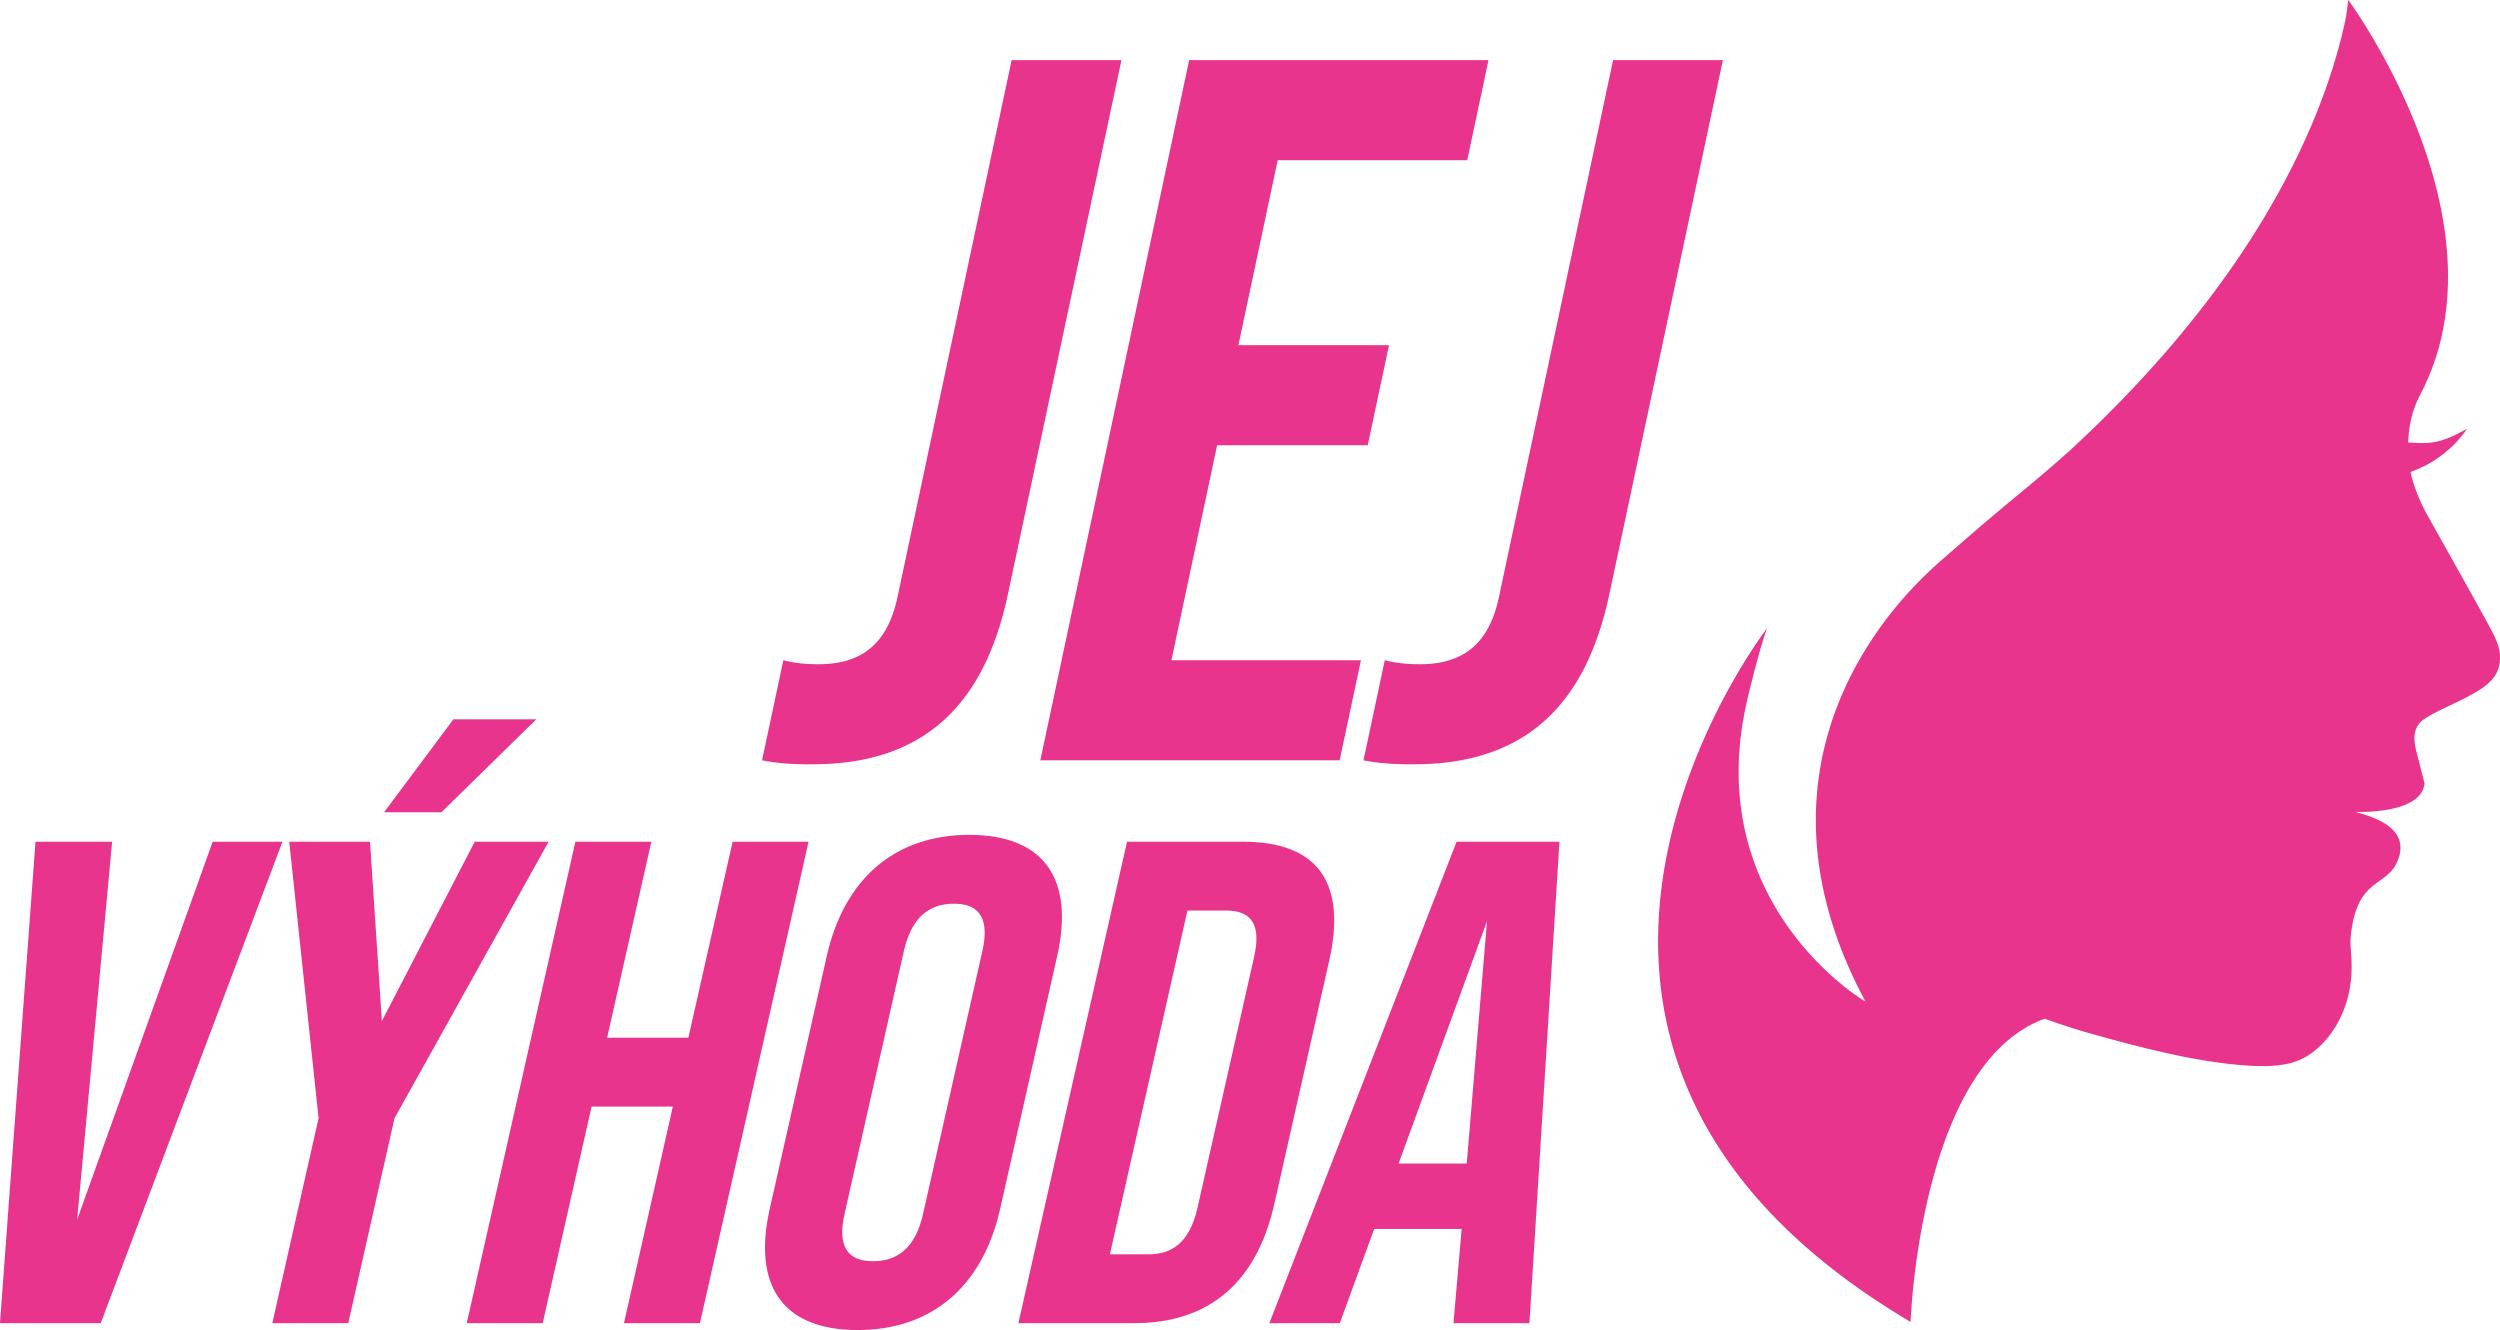 SK Jeji vyhoda logo